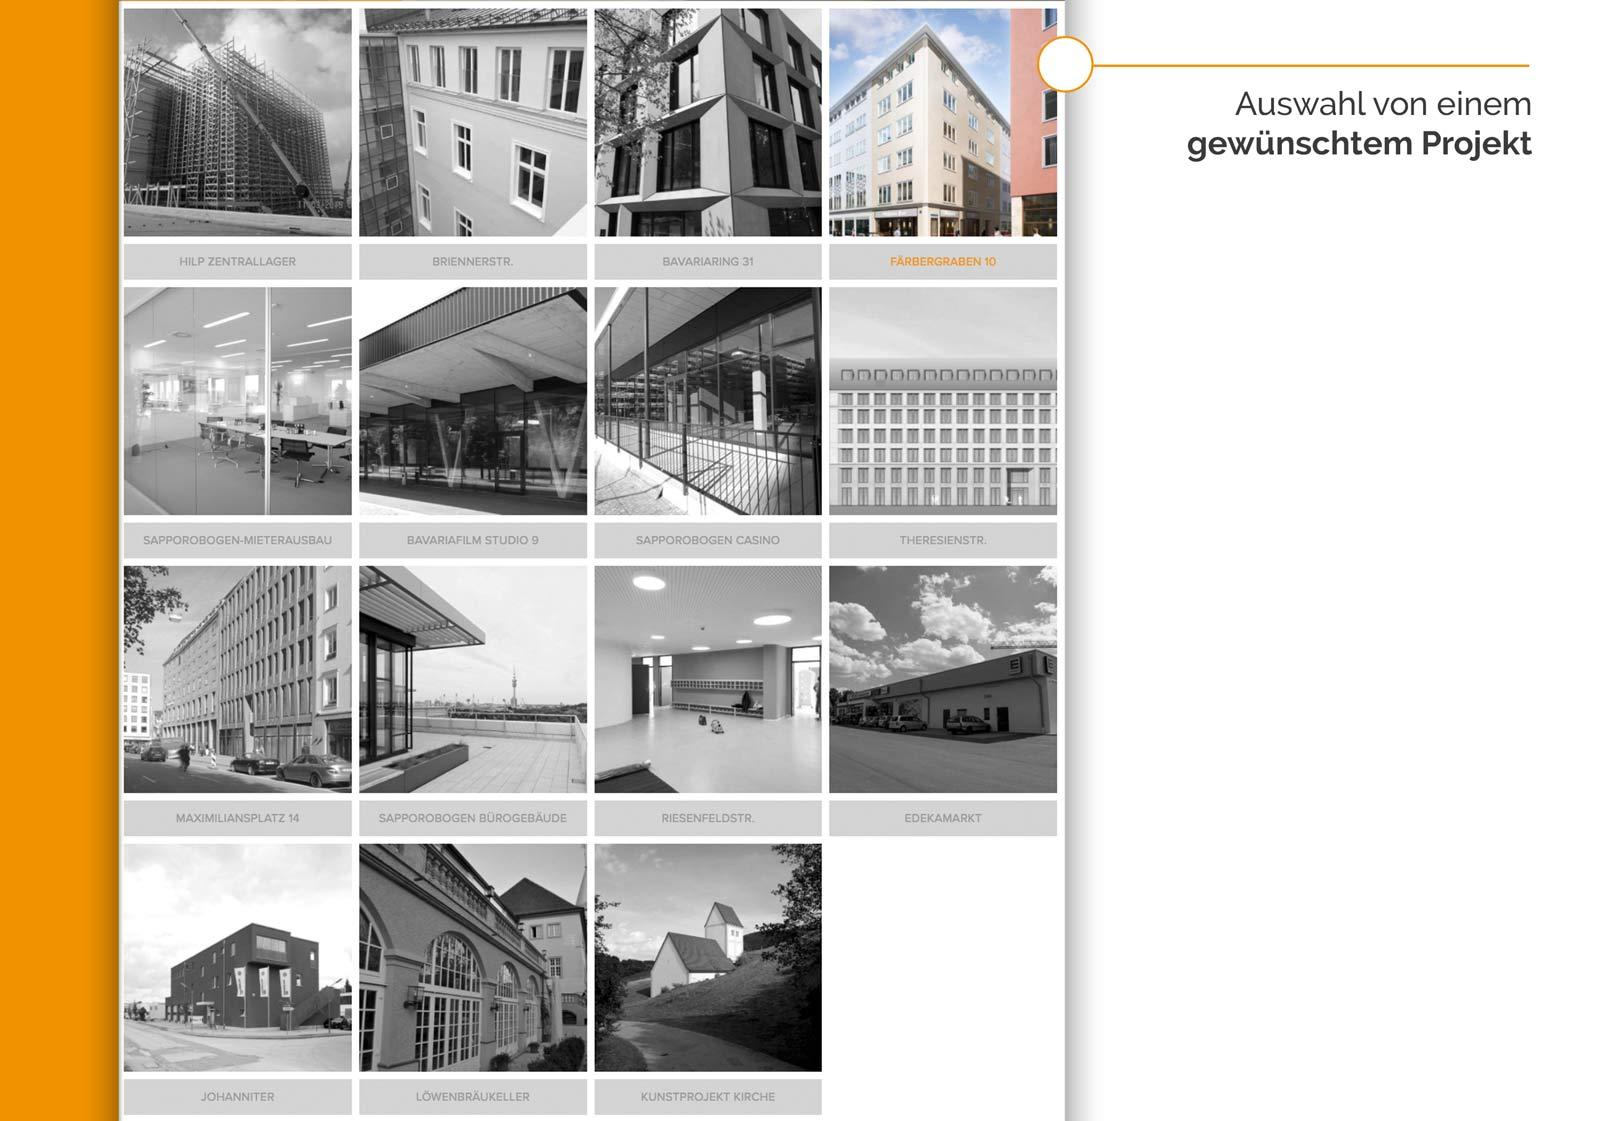 Linsmayer_Responsive_Webdesign_05.jpg